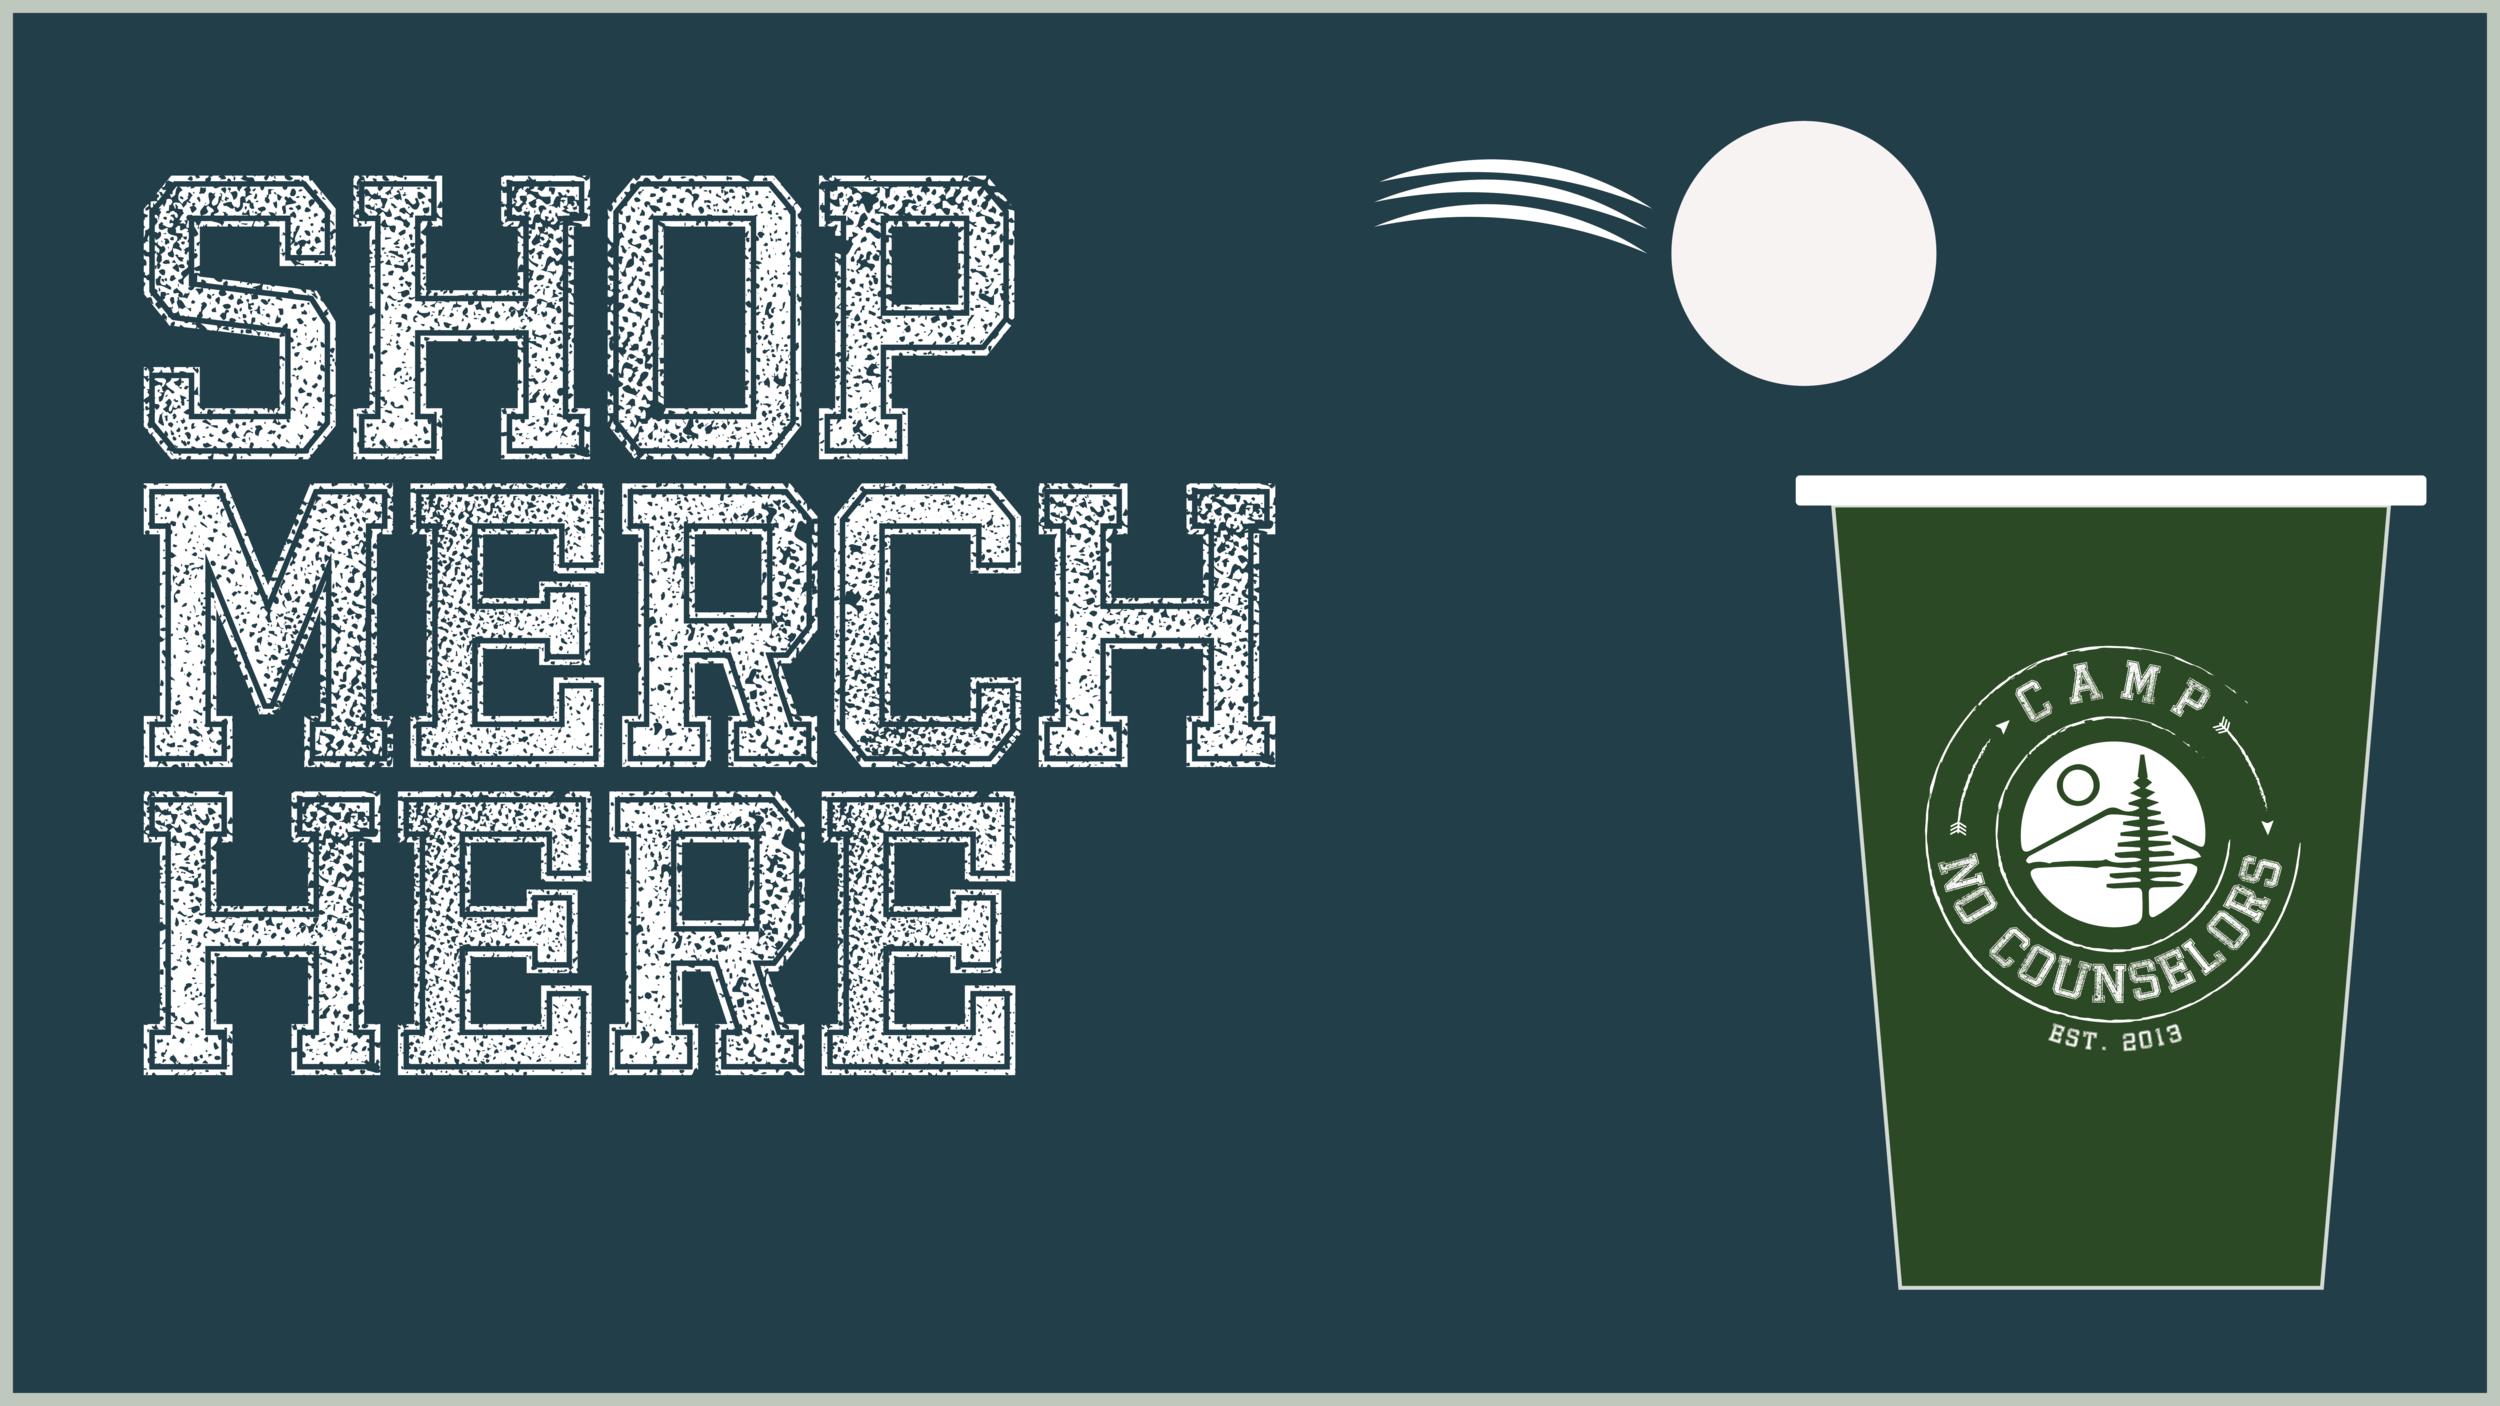 Shop-merch-01.png